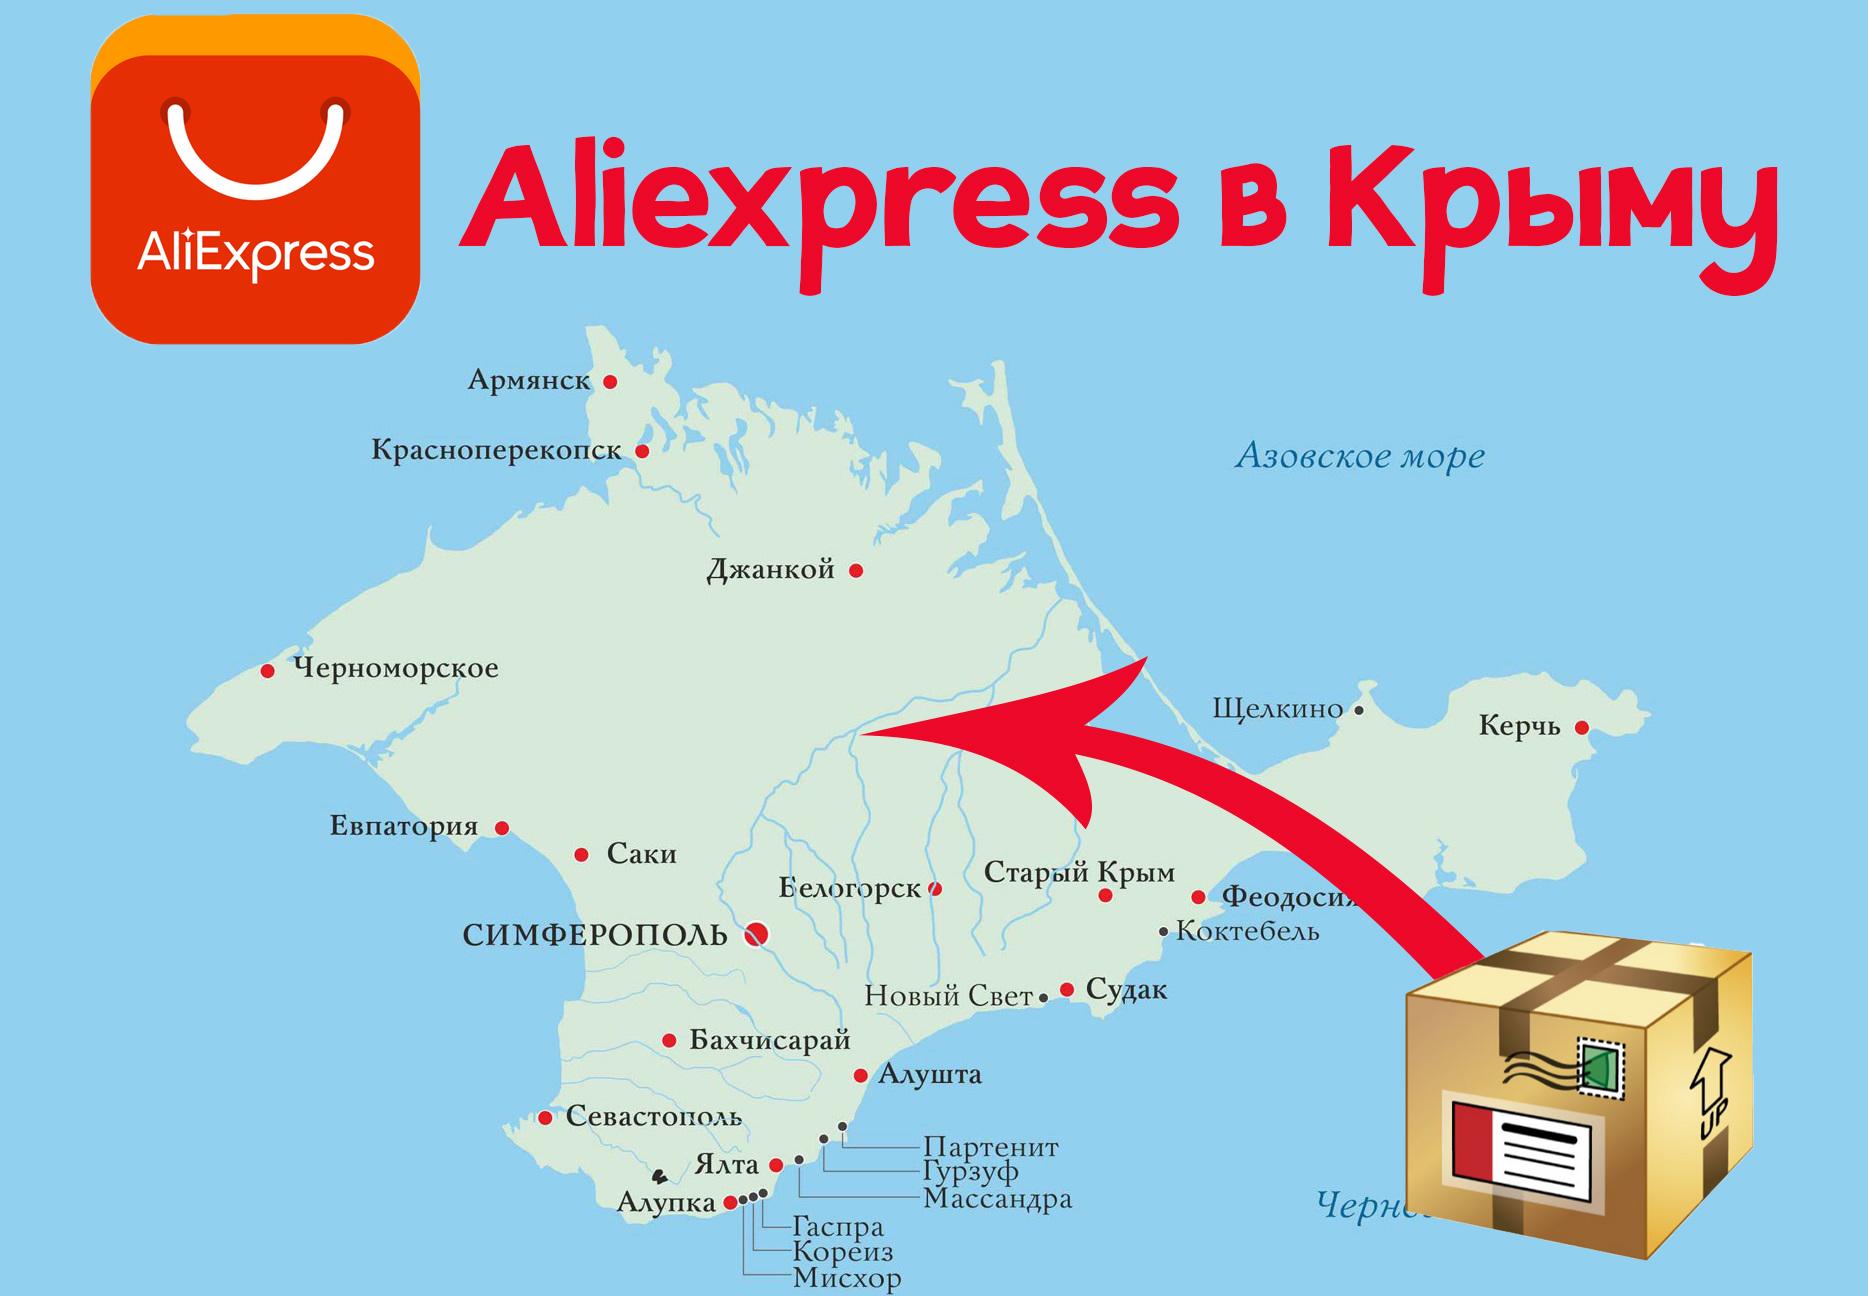 Алиэкспресс в Крыму